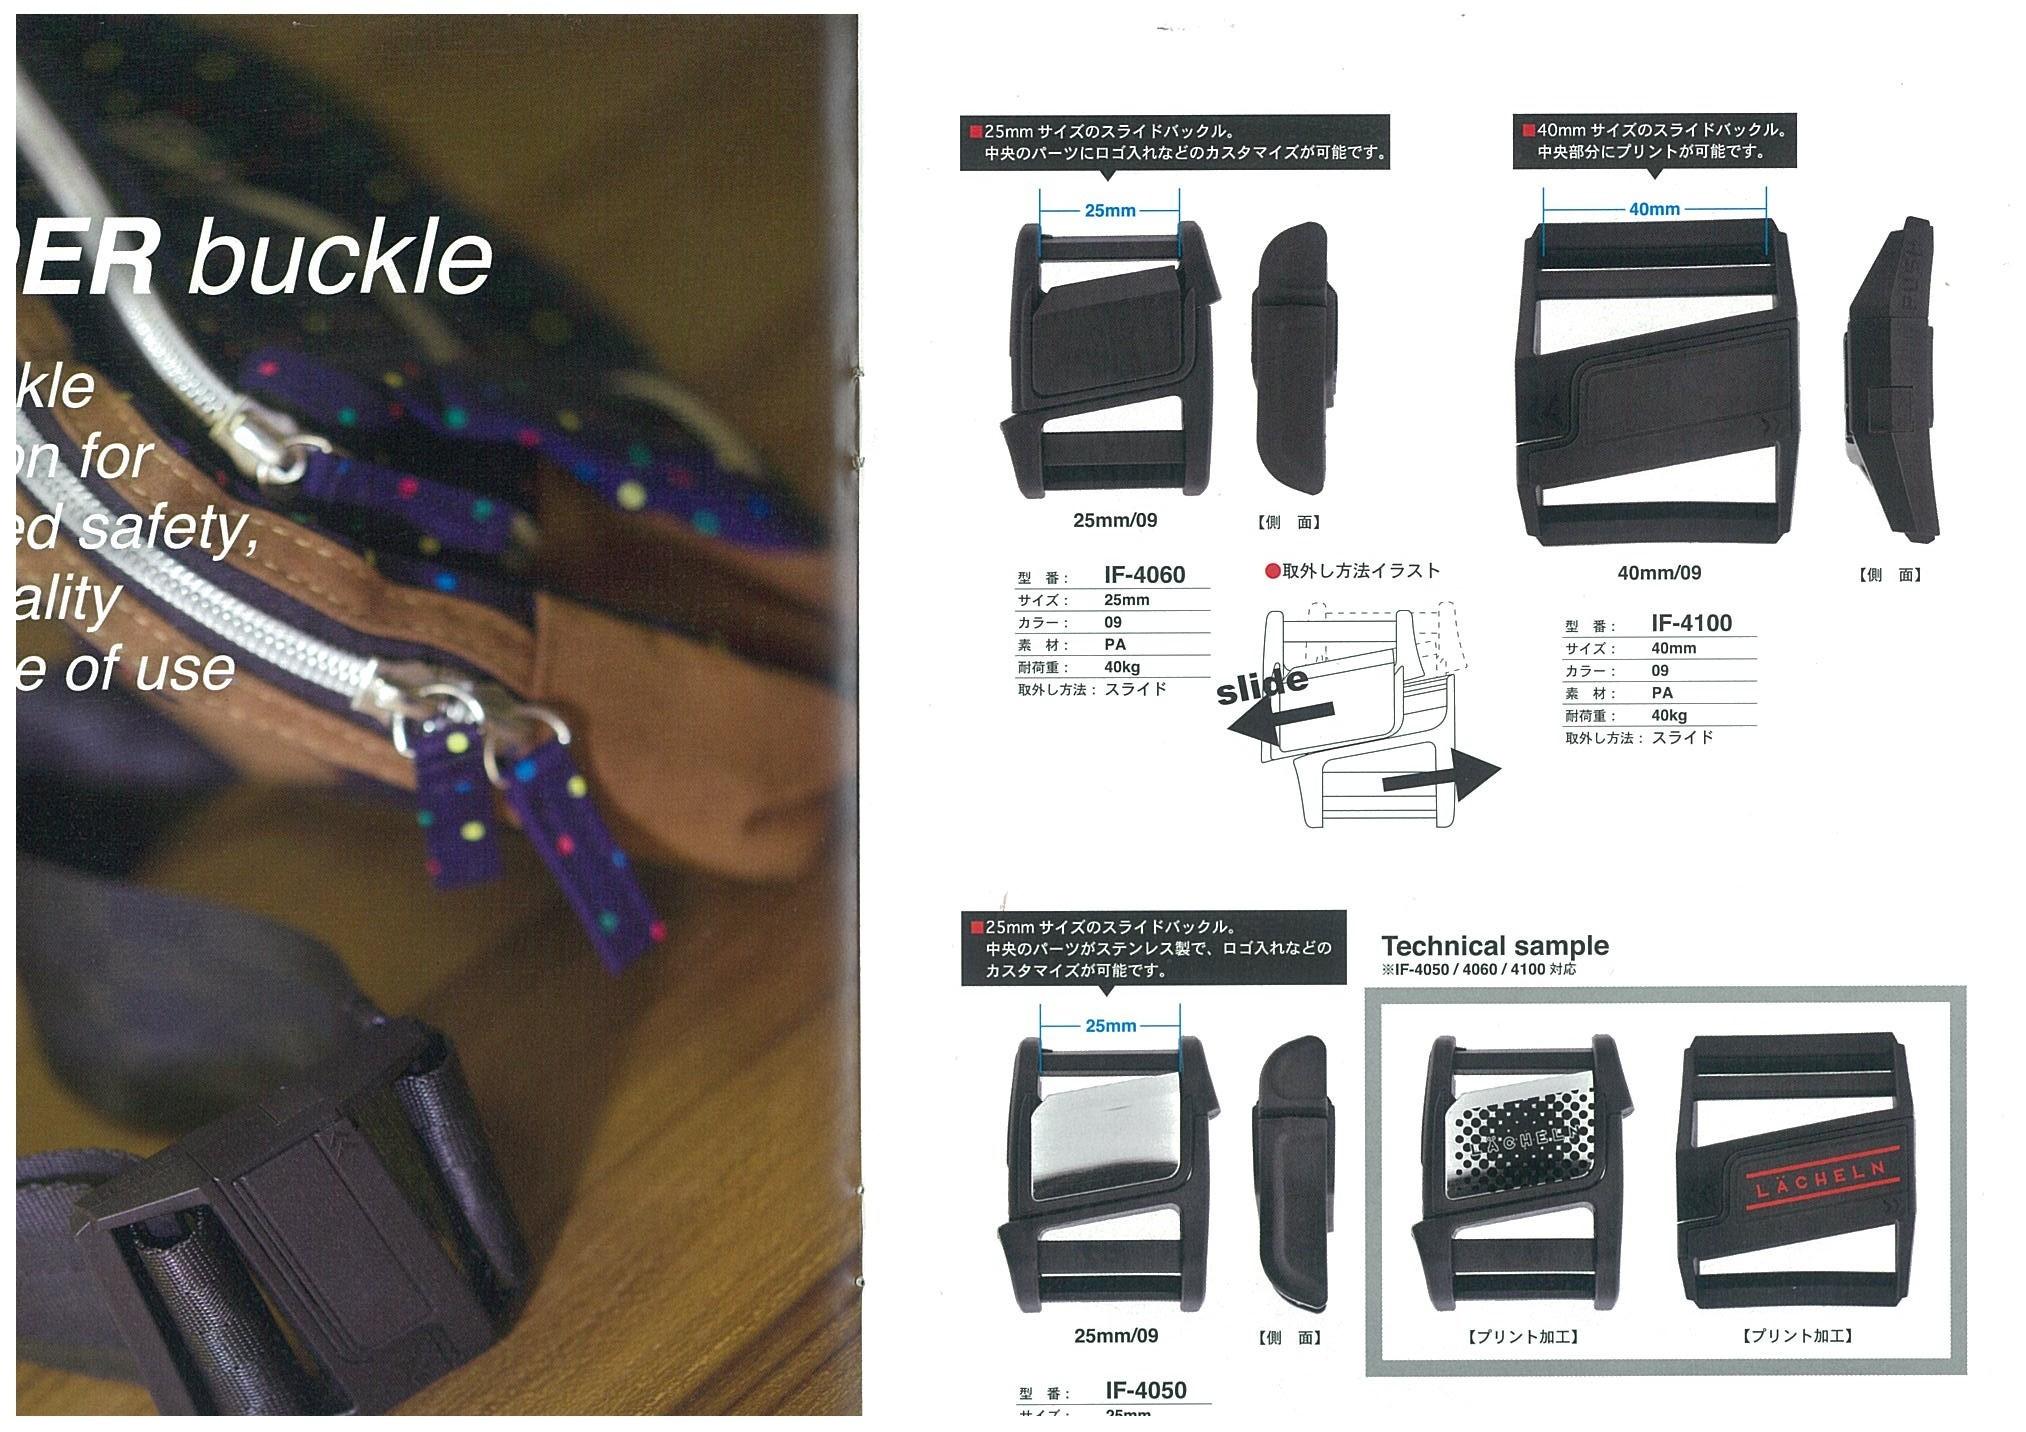 フィドロック マグネット バックル IF-4060 25mm幅用 1個